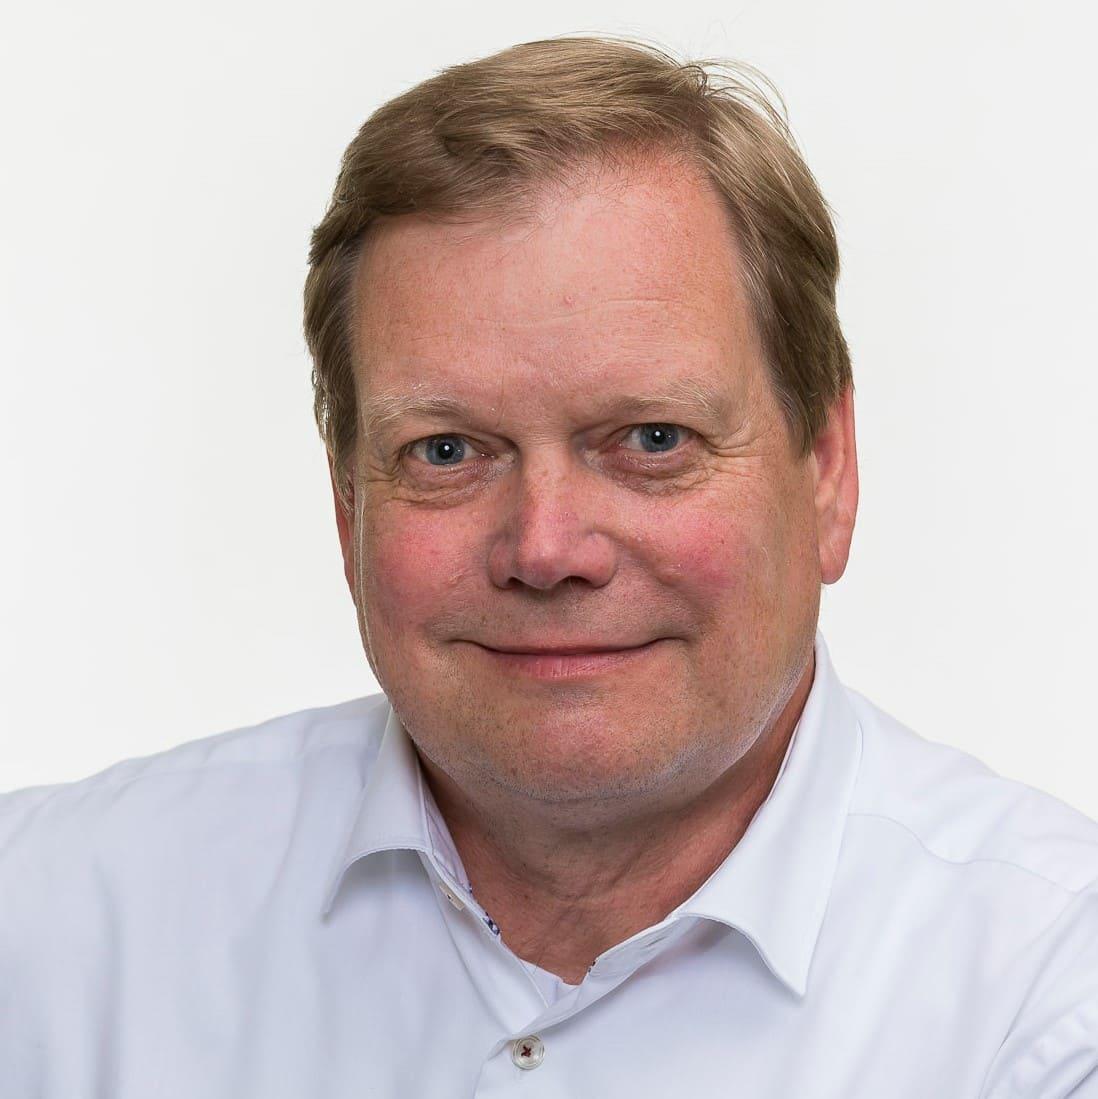 Frank Gillert